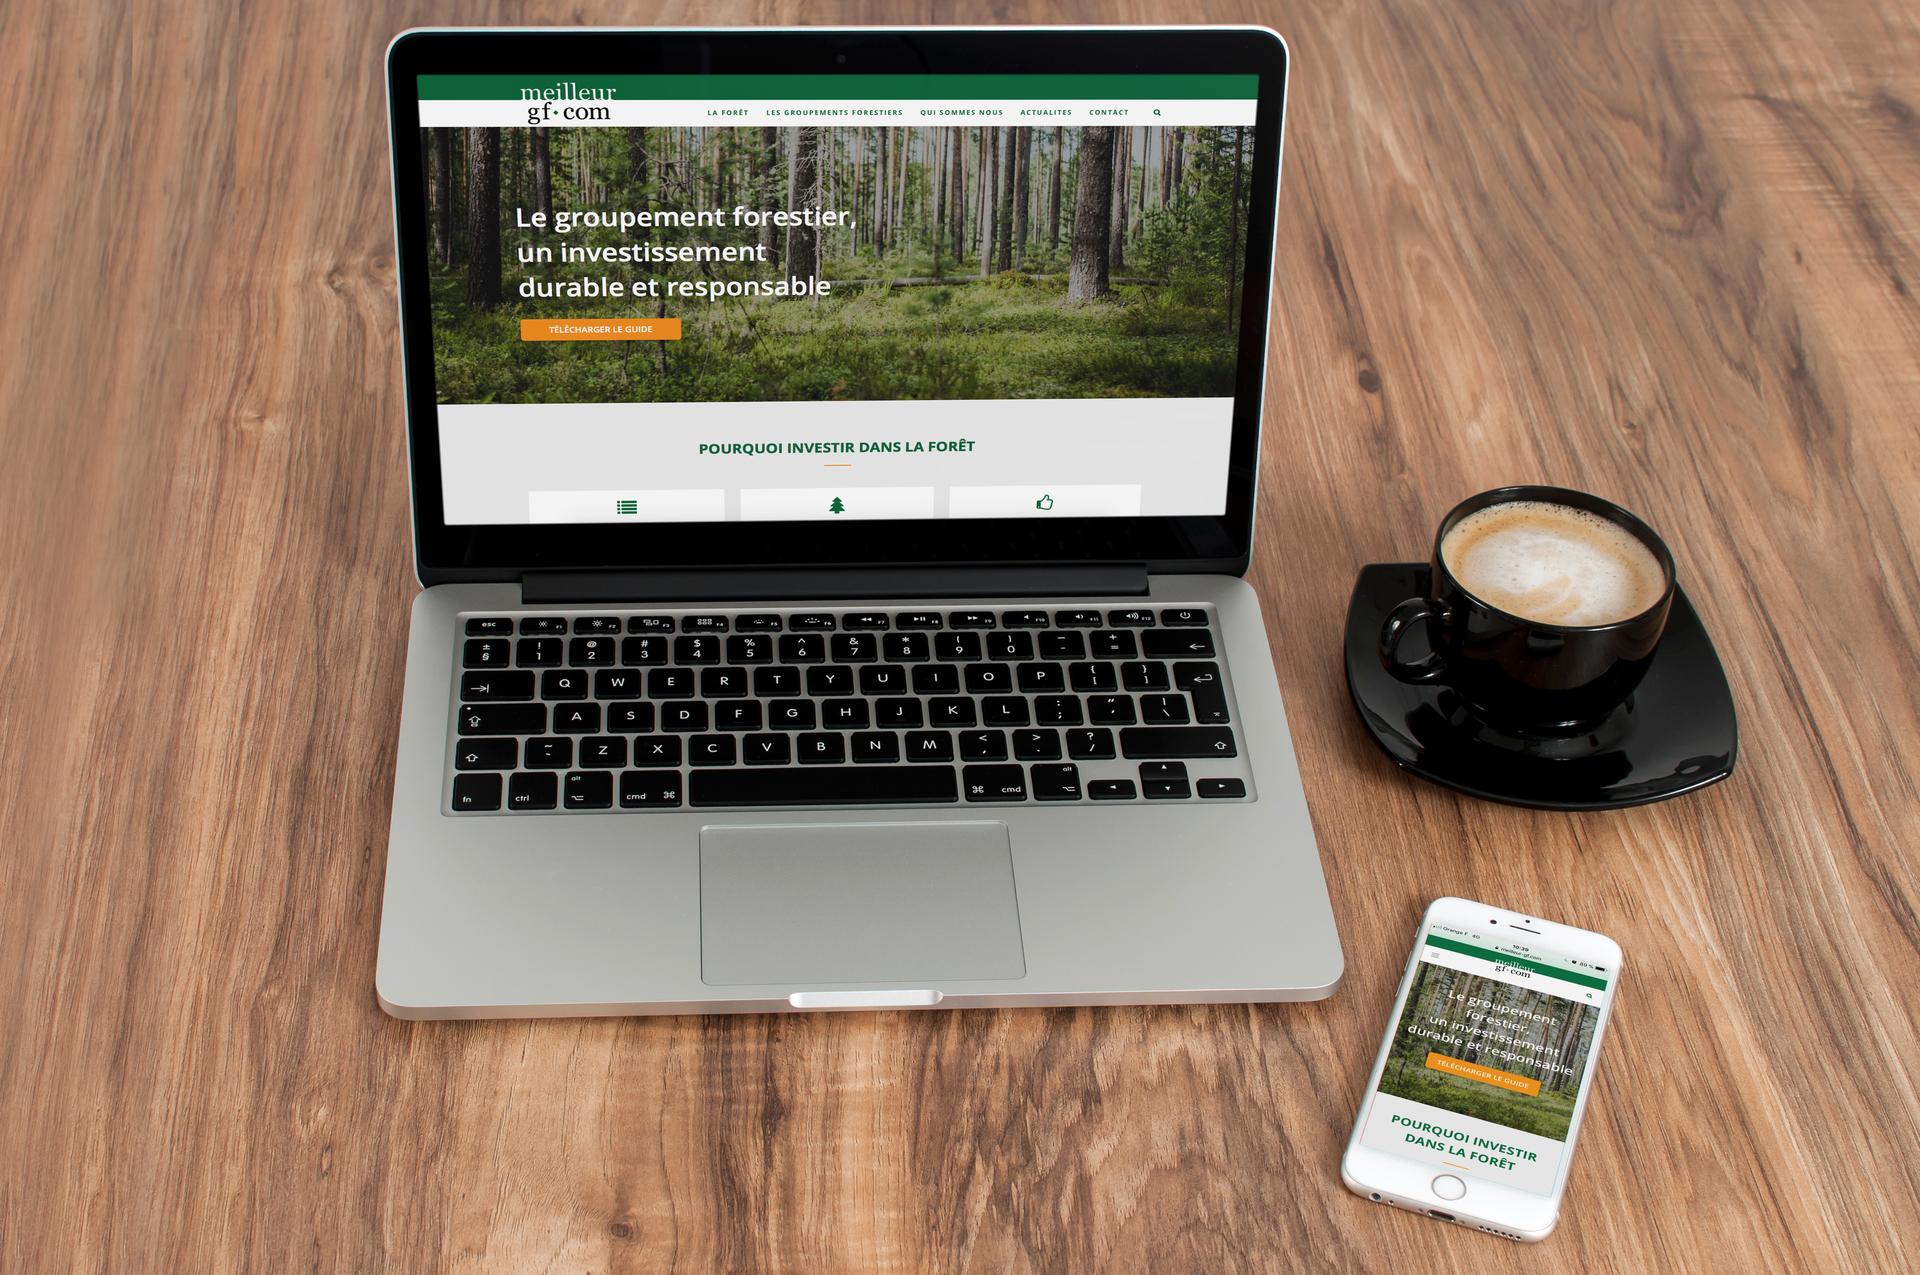 MeilleureSCPI.com lance une plateforme dédiée aux groupements forestiers: Meilleur-GF.com